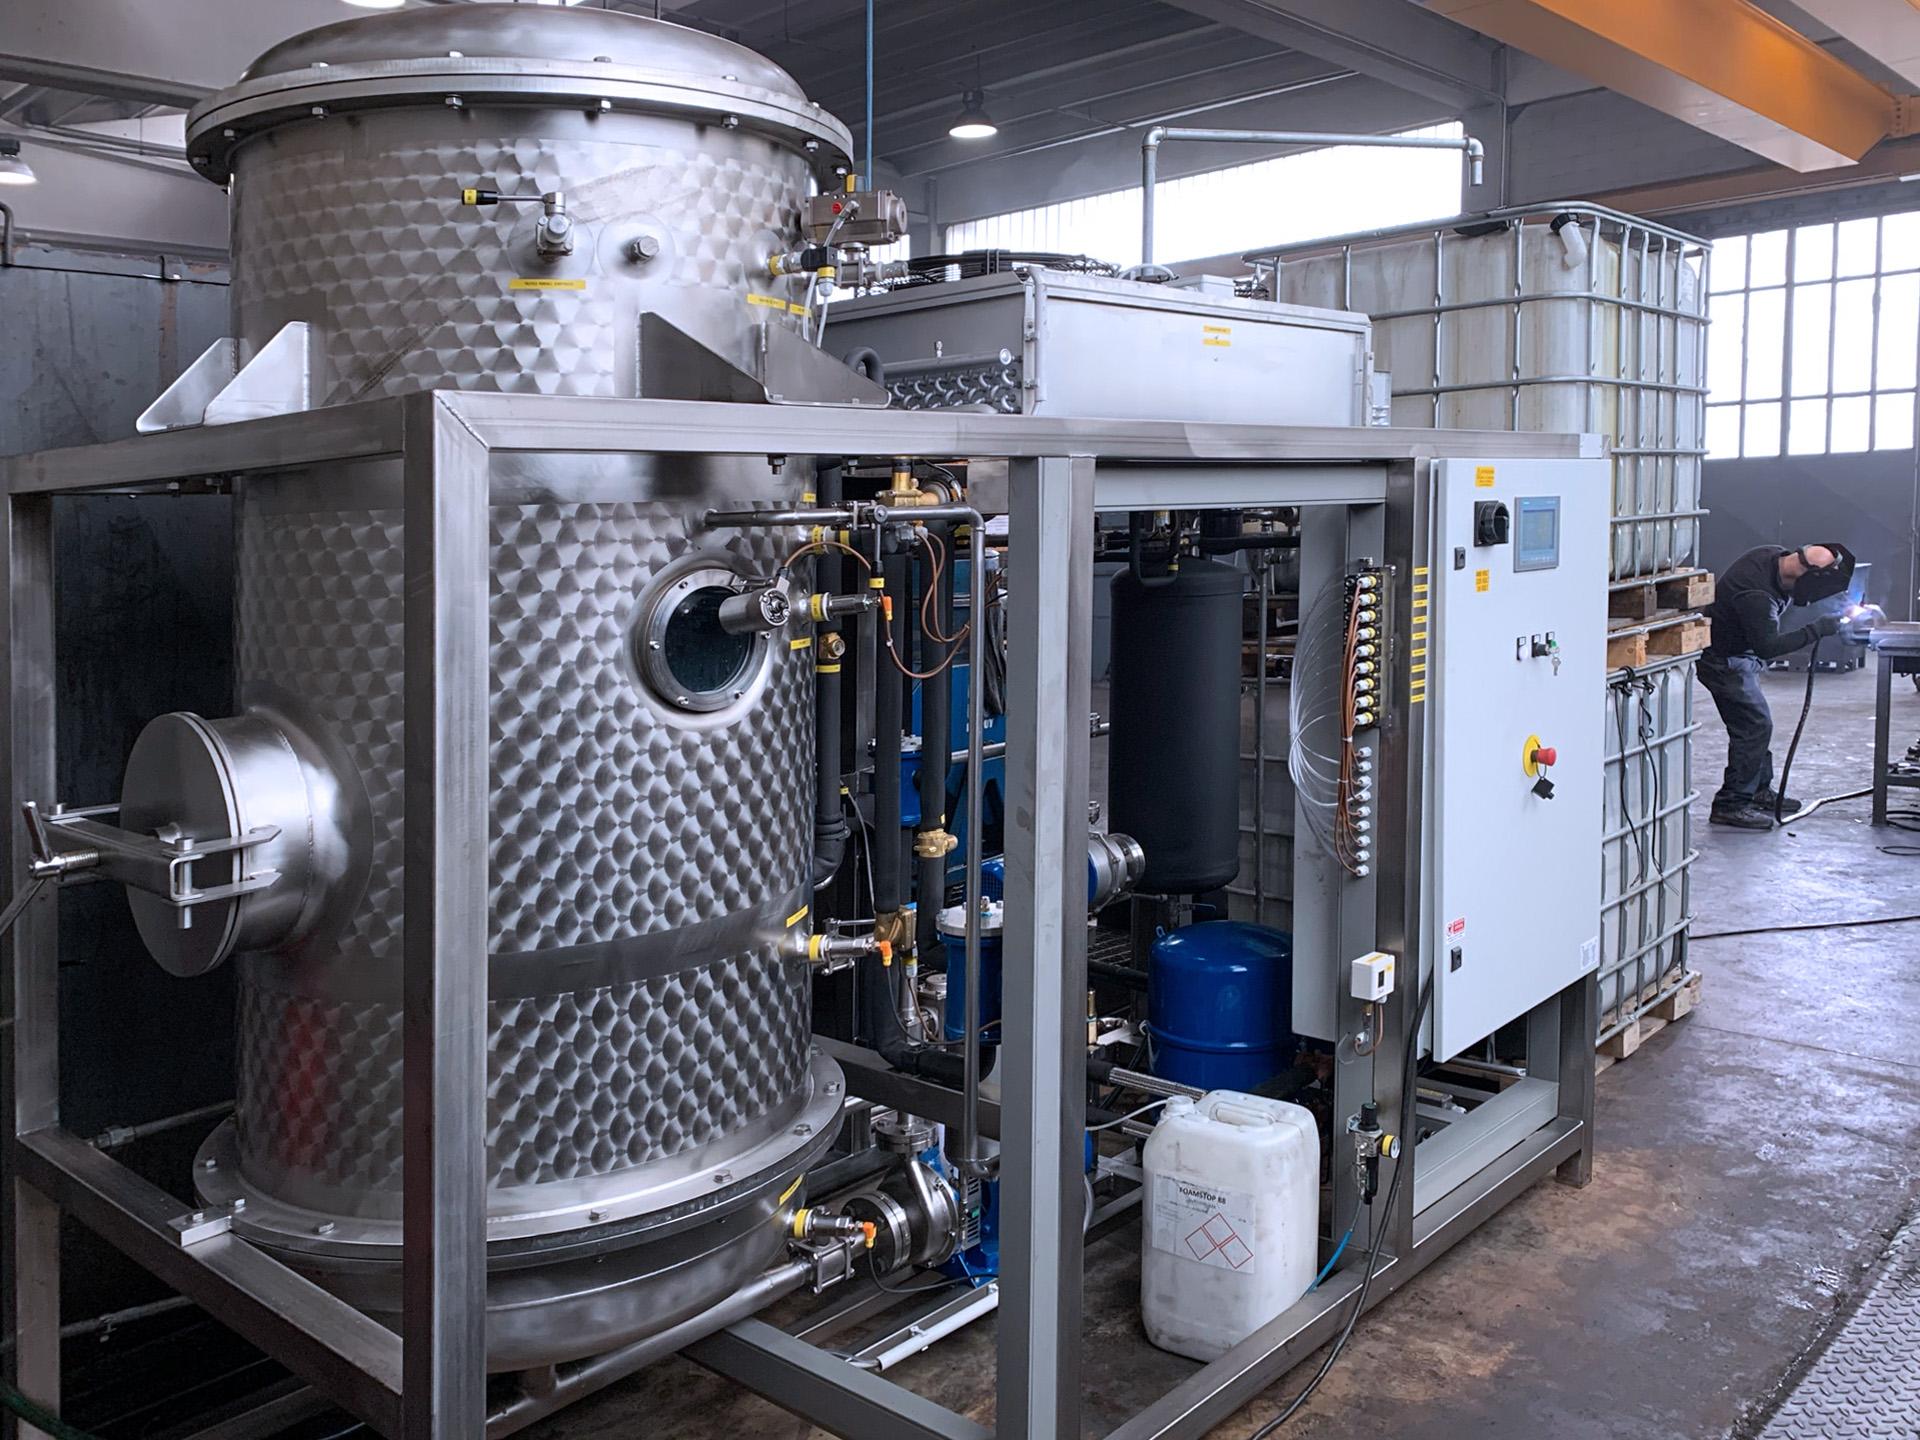 Evaporatore 2000 litri giorno